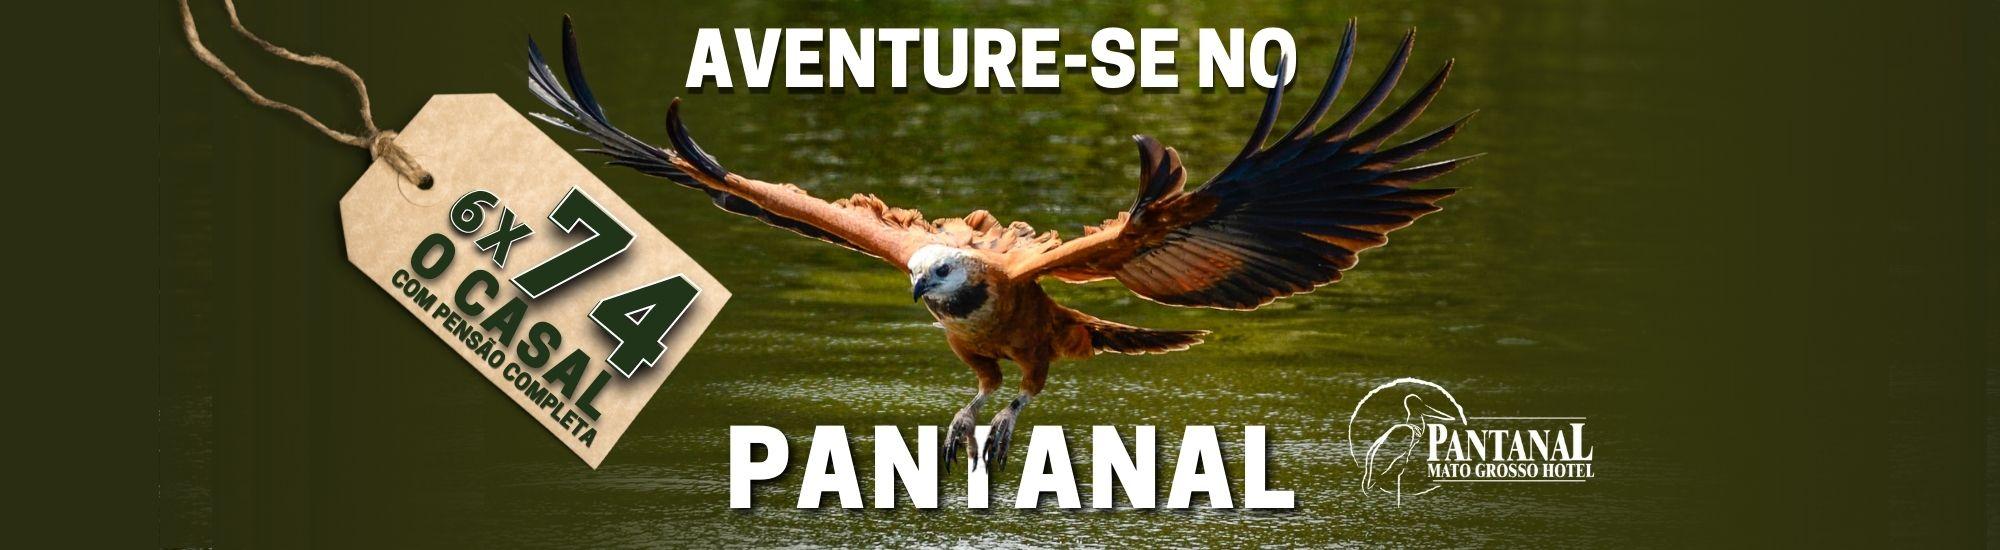 Aproveite esta oportunidade e conheça o Pantanal!